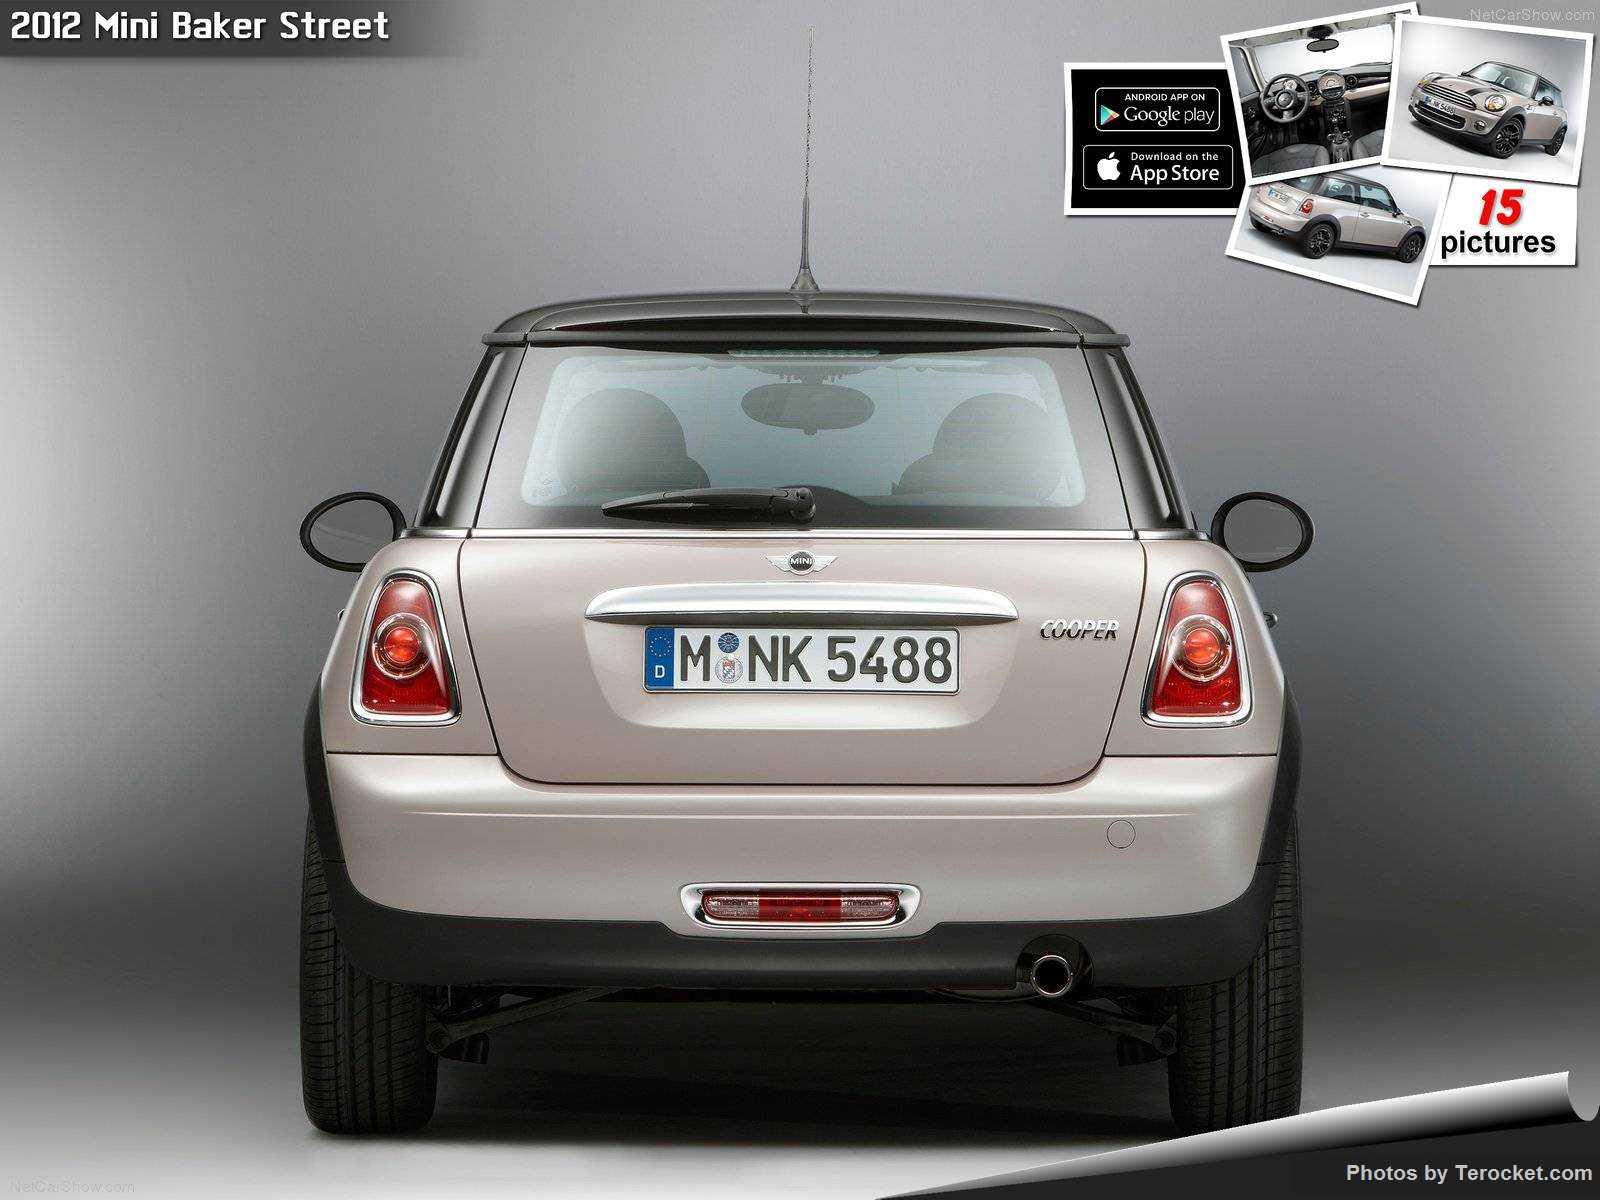 Hình ảnh xe ô tô Mini Baker Street 2012 & nội ngoại thất